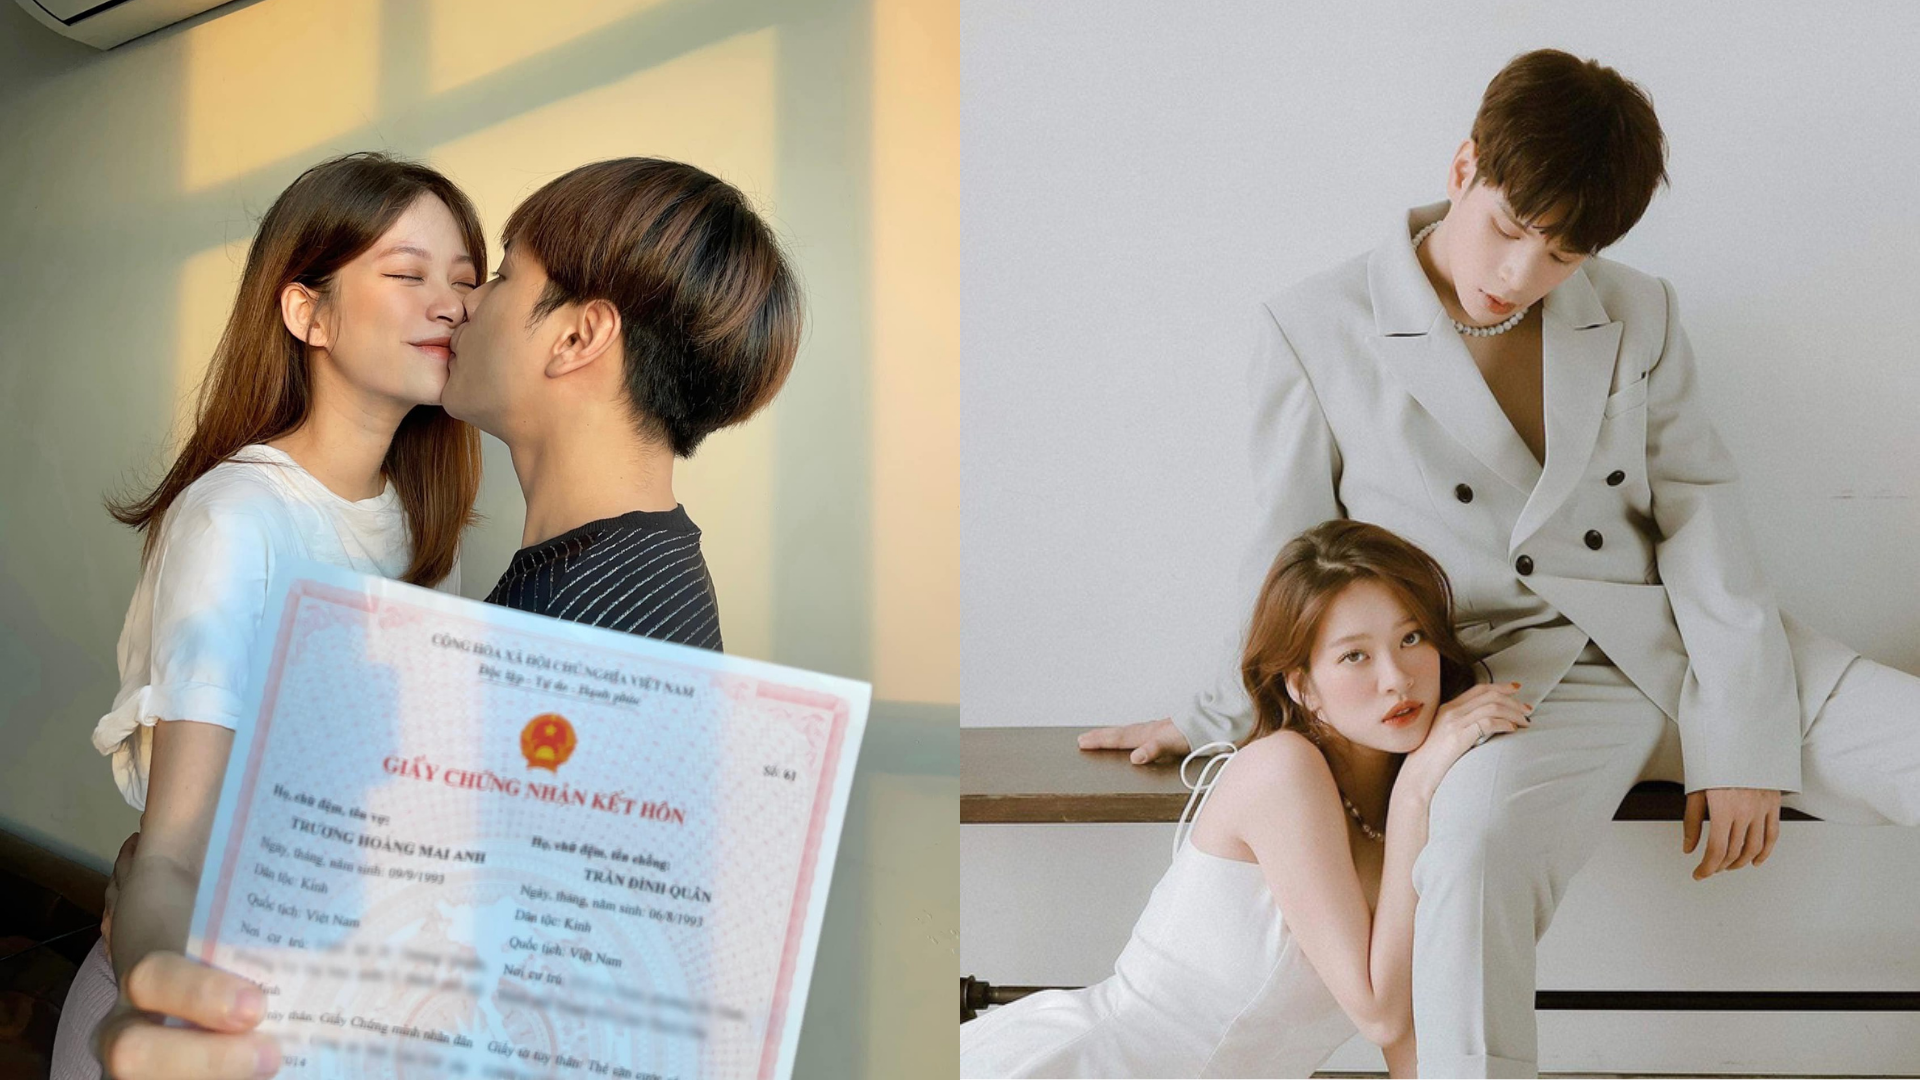 Khoe giấy đăng kí kết hôn, vợ chồng Jaykii bị netizen phán